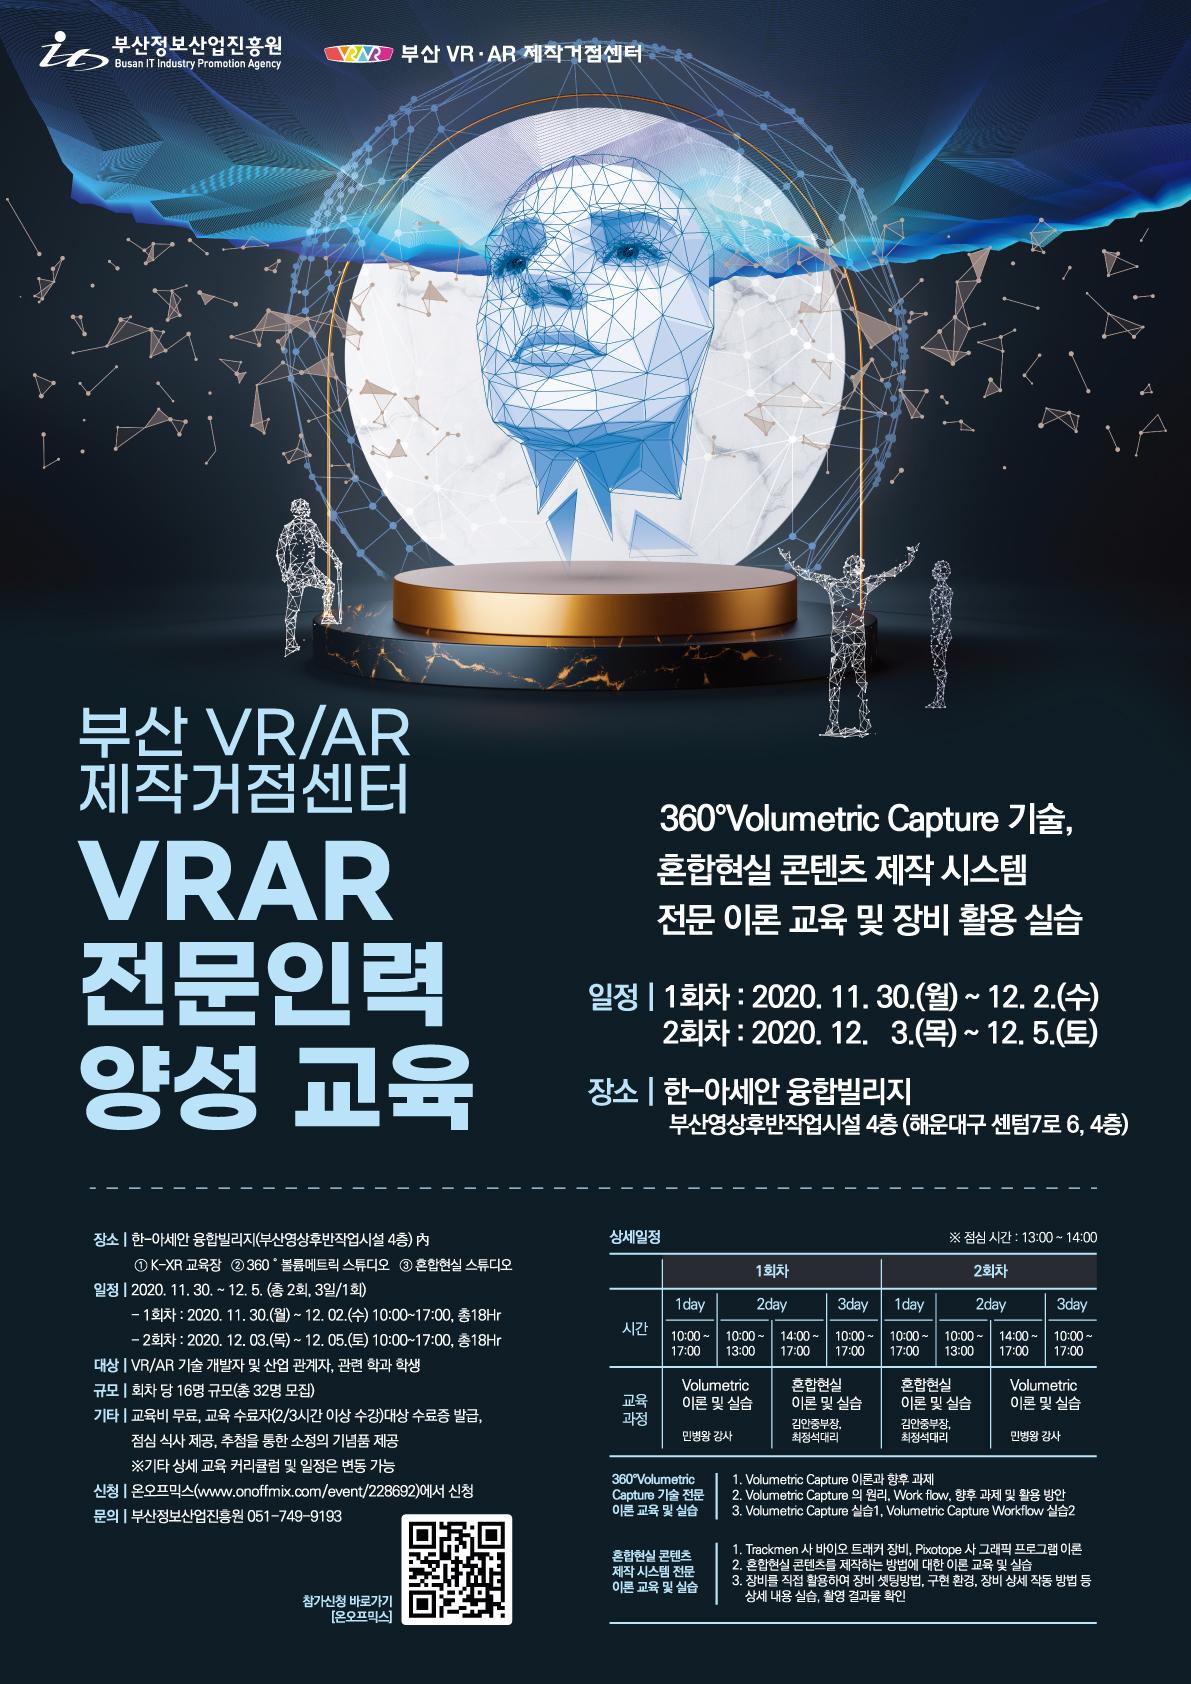 부산 VR/AR제작거점센터 VRAR 전문인력 양성 교육생 모집